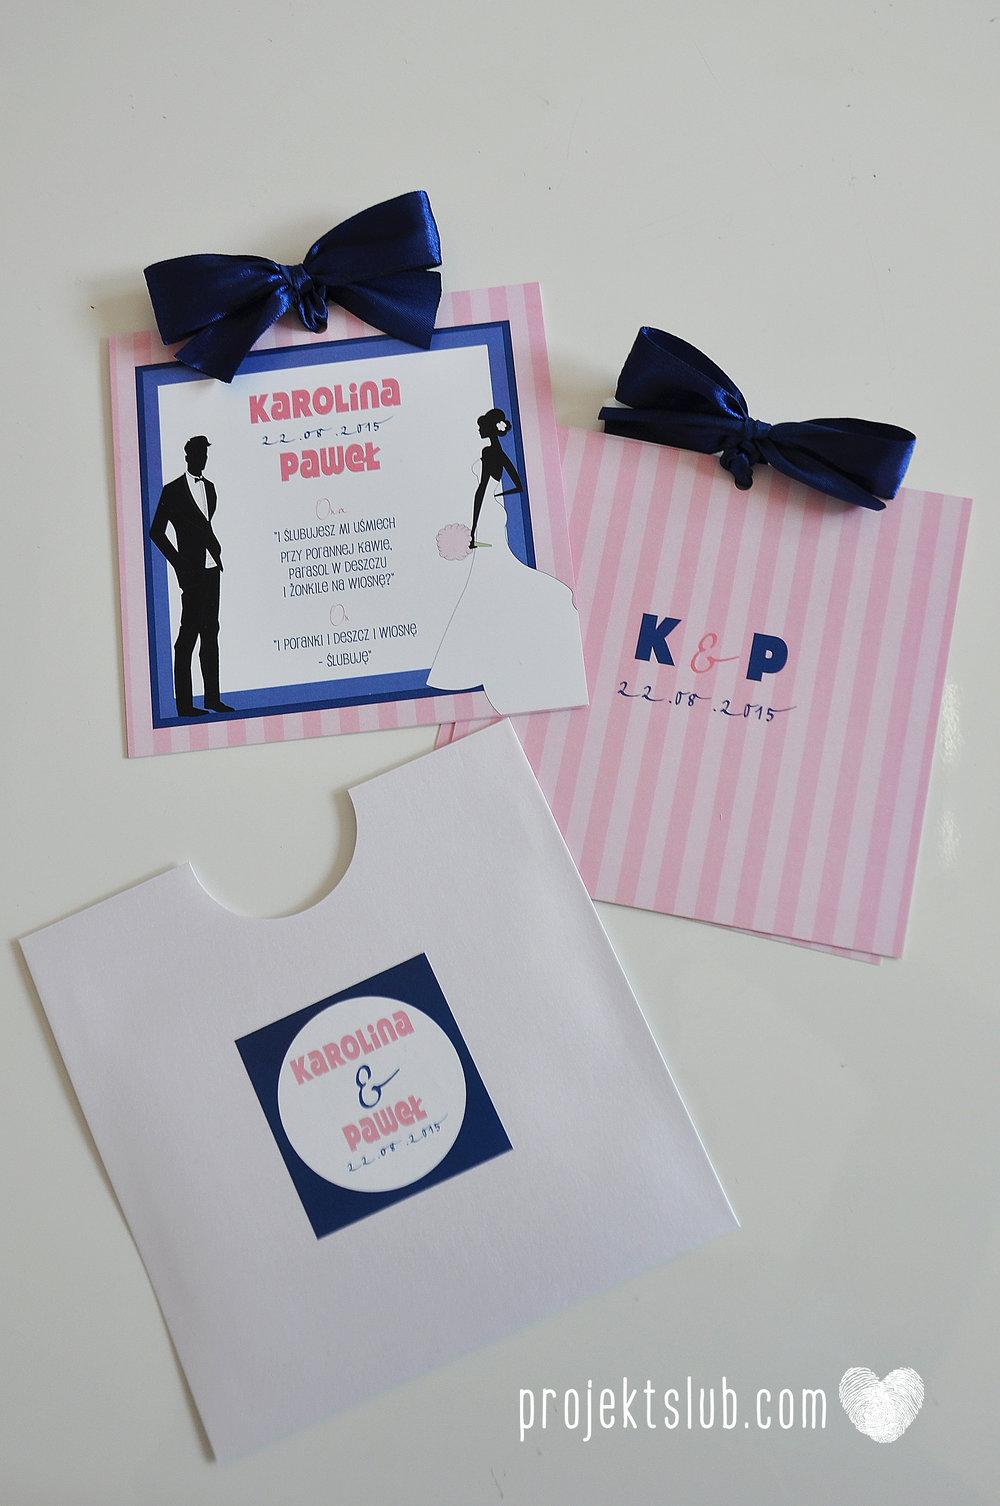 oryginalne zaproszenia ślubne w paski pastelowe retro pudrowy róż granat navy blue eleganckie dekoracje na wesele papeteria projekt ślub (6).jpg